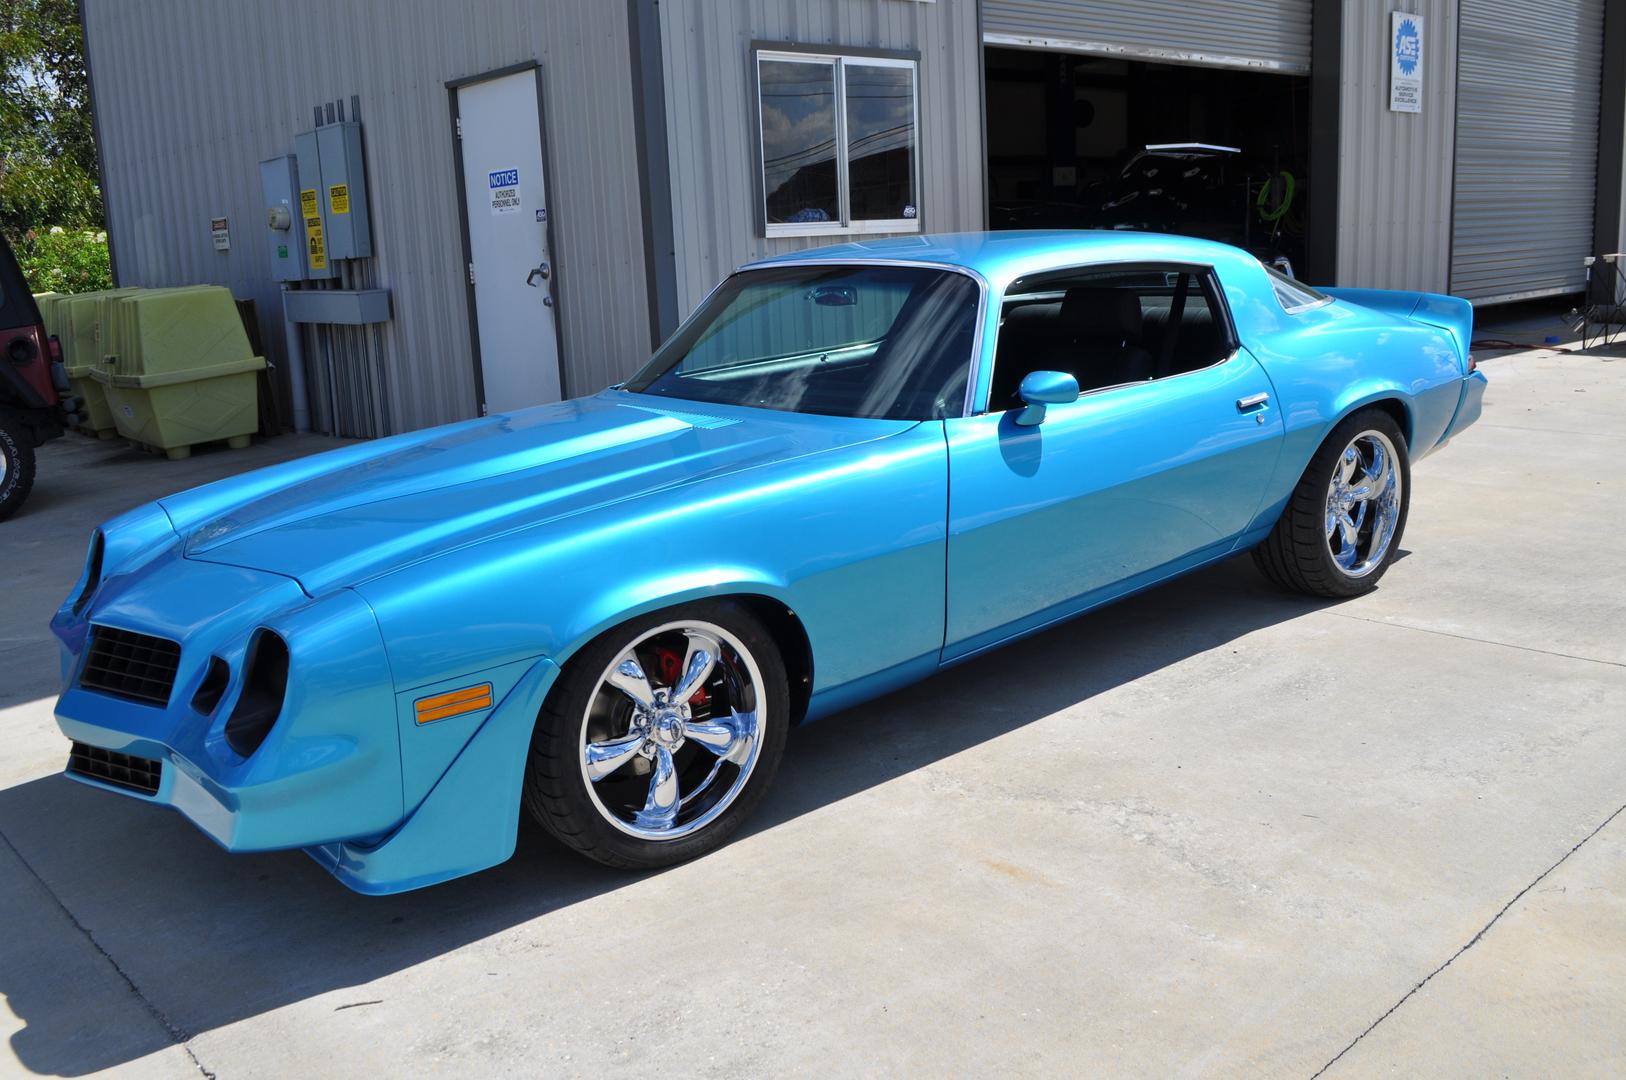 Road Hog, LLC Classic Car Restoration, Paint and Mechanic Work